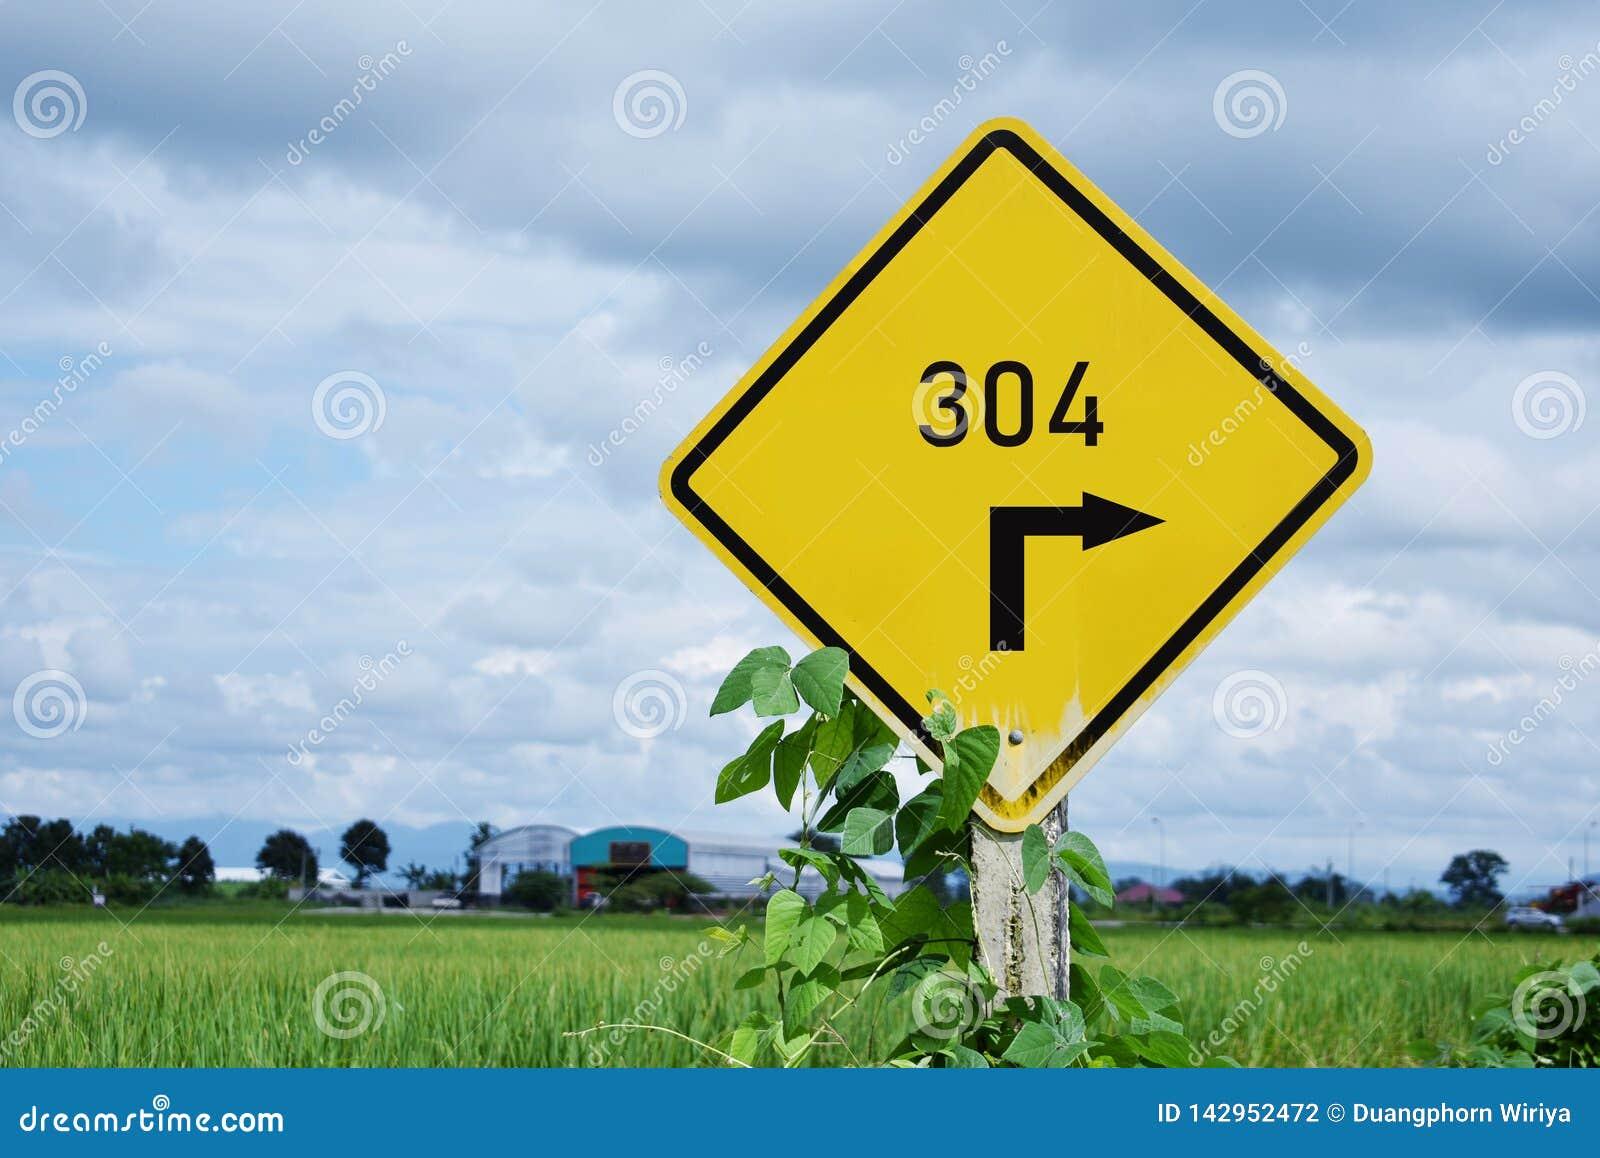 304 Redirect HTTP Status Code Stock Photo - Image of